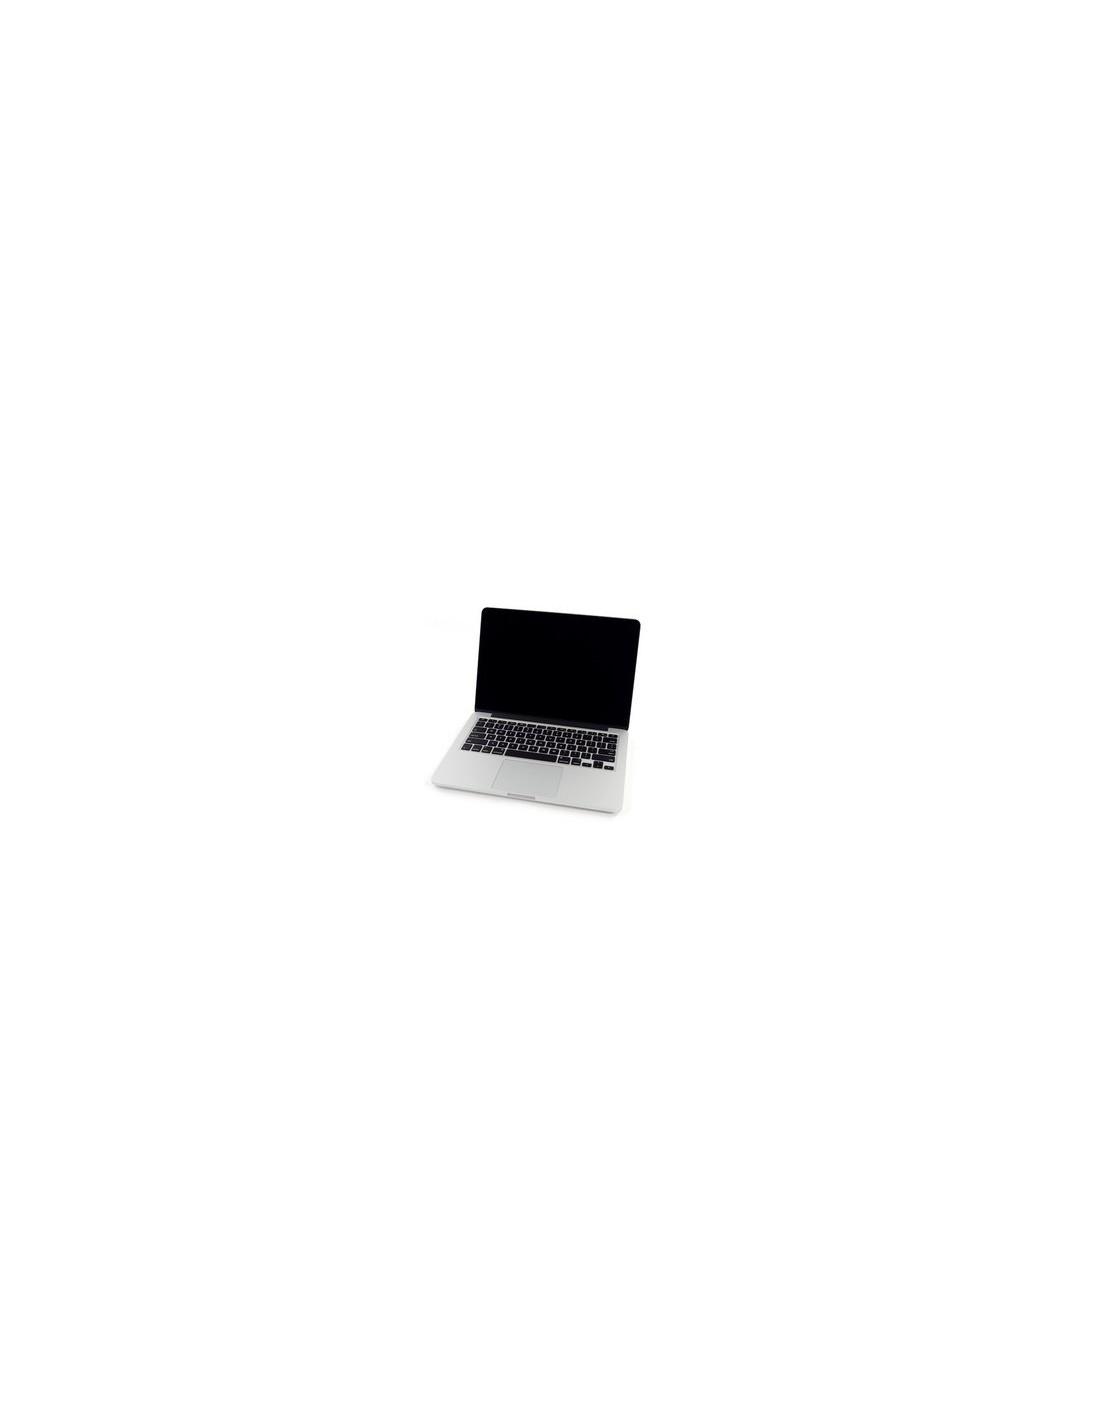 grande vente 42ff8 fd94b Macbook Pro Changement Batterie sur Lille, Roubaix ...